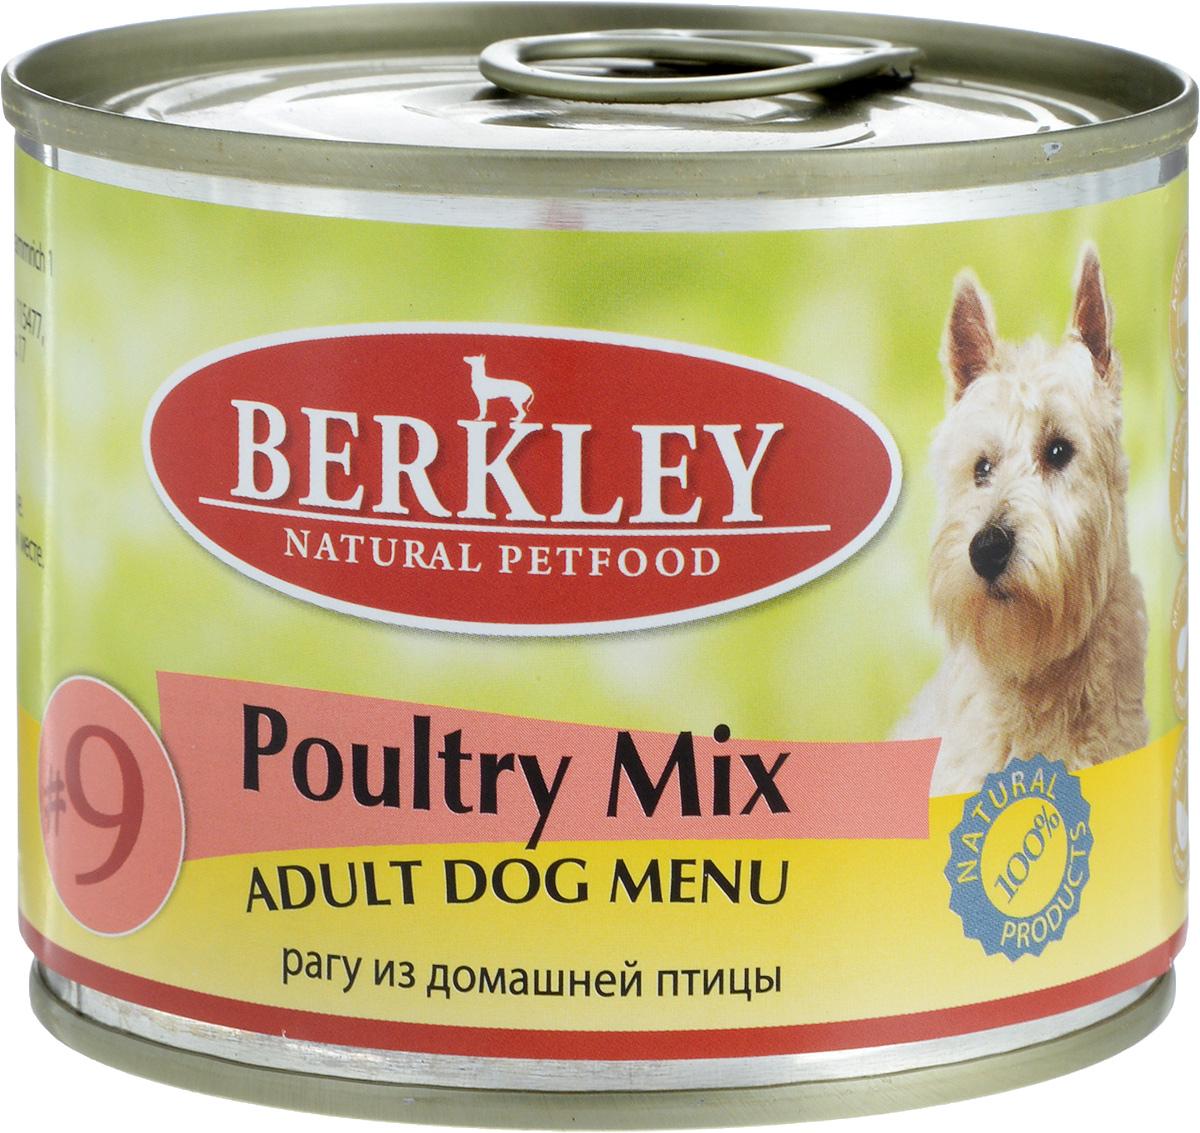 Консервы для собак Berkley №9, рагу из домашней птицы, 200 г57474/75005Консервы Berkley №9 - полноценное консервированное питание для собак. Не содержат сои, консервантов, искусственных красителей и ароматизаторов. Корм полностью удовлетворяет ежедневные энергетические потребности животного и обеспечивает оптимальное функционирование пищеварительной системы.Товар сертифицирован.